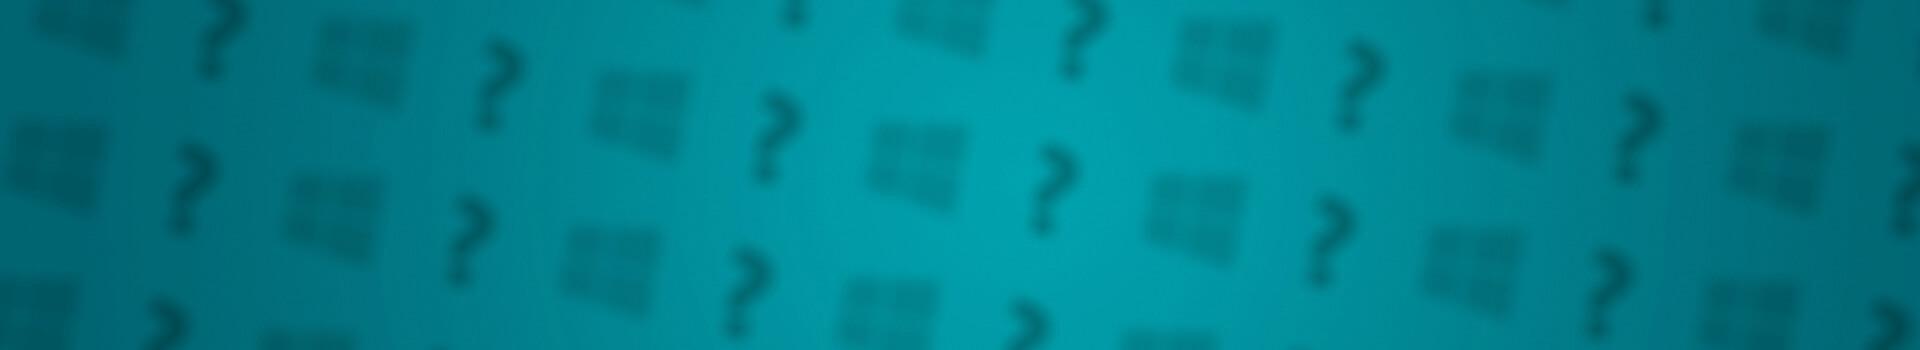 Windows 10 compatibility FAQ banner